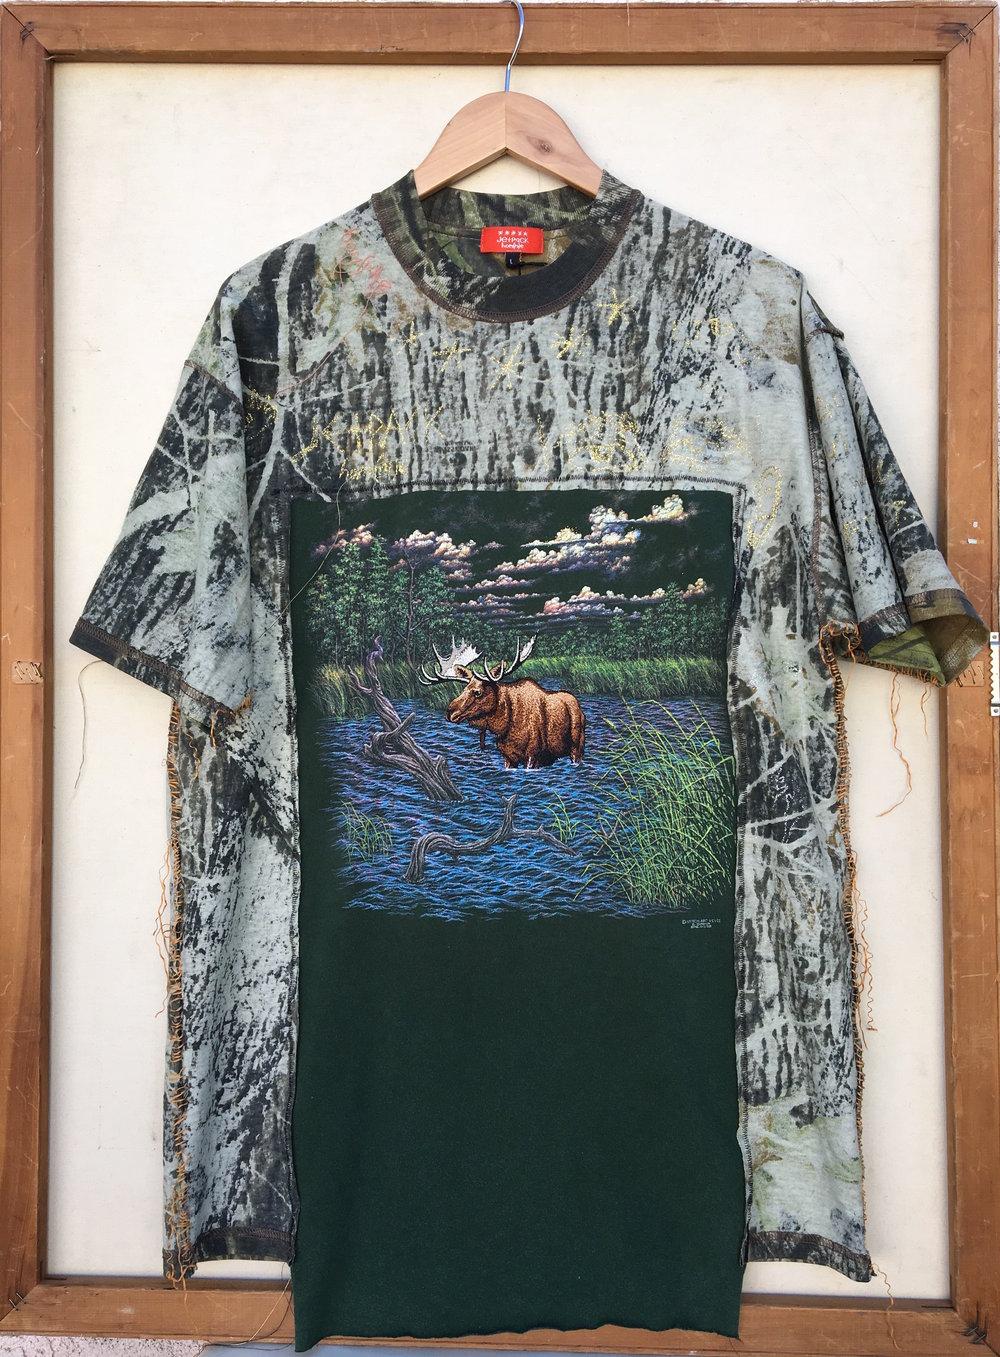 shirt 6_front.JPG